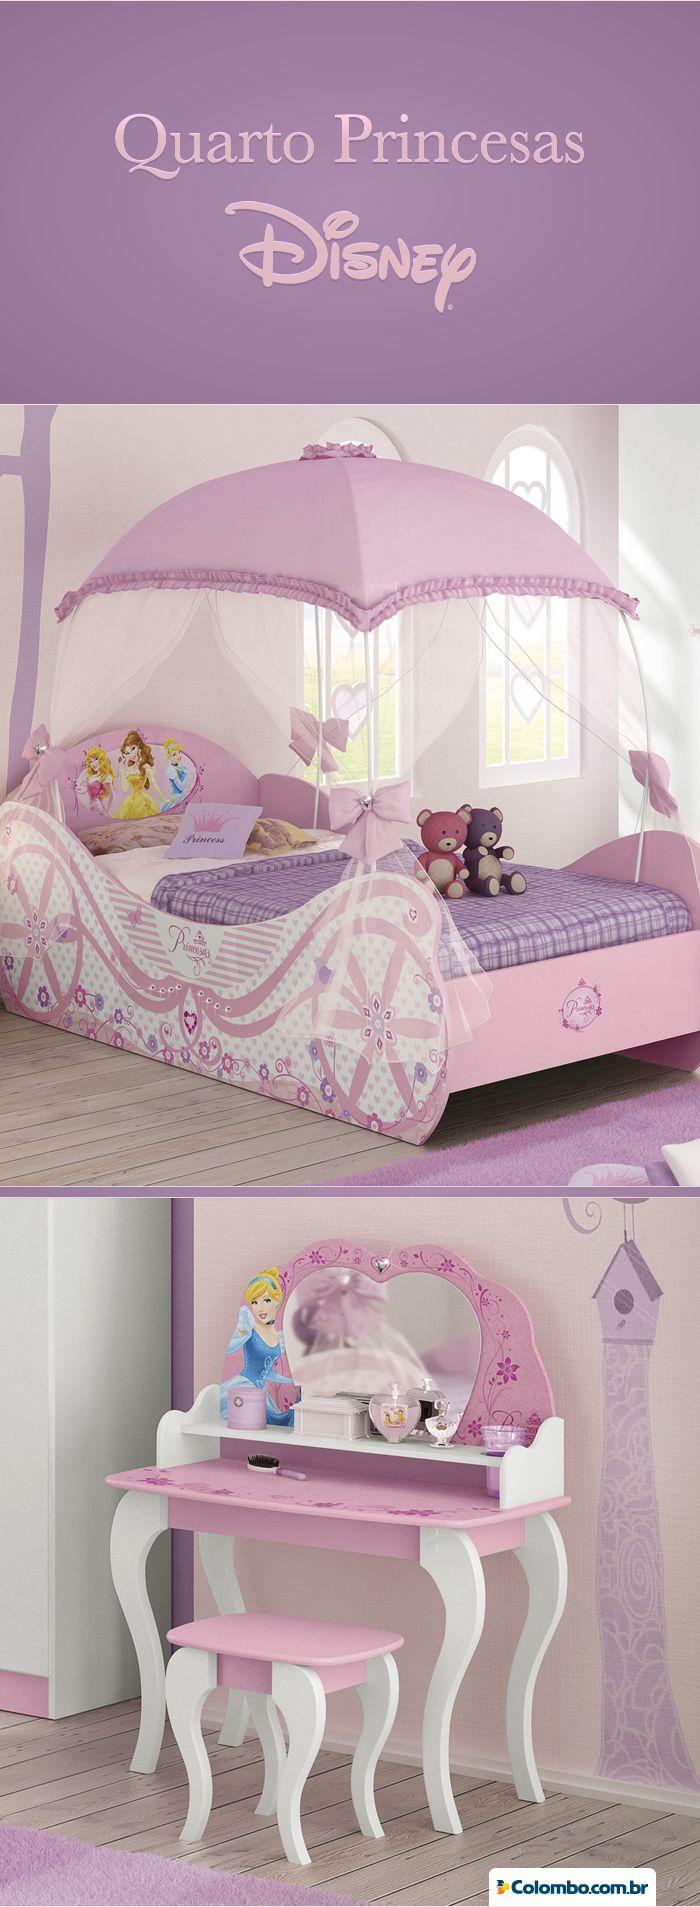 Que tal um quarto das Princesas da Disney para elas? Cama, penteadeira e outros móveis você encontra na Lojas Colombo: http://busca.colombo.com.br/search#w=pura%20magia?utm_source=Pinterest&utm_medium=Post&utm_content=pura-magia&utm_campaign=Produto-23abr14